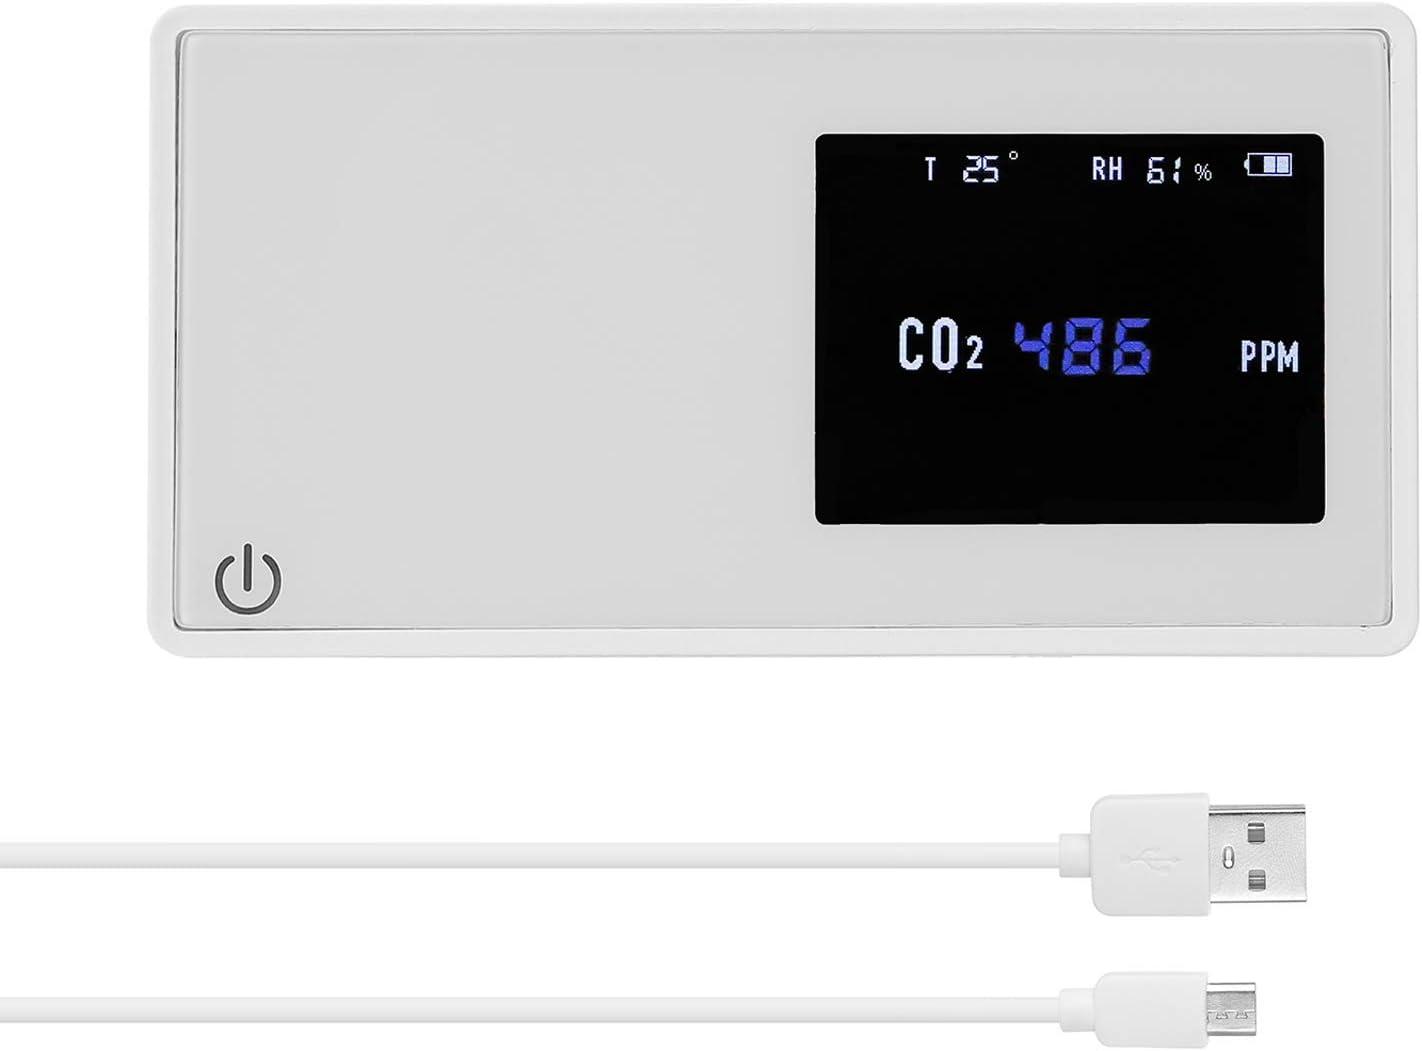 igrometro digitale misuratore di umidit/à e termometro digitale per casa Misuratore CO2 Ndir Tackly Misuratore di CO2 Ambiente Rilevatore di CO2 con misuratore di qualit/à dellaria interna